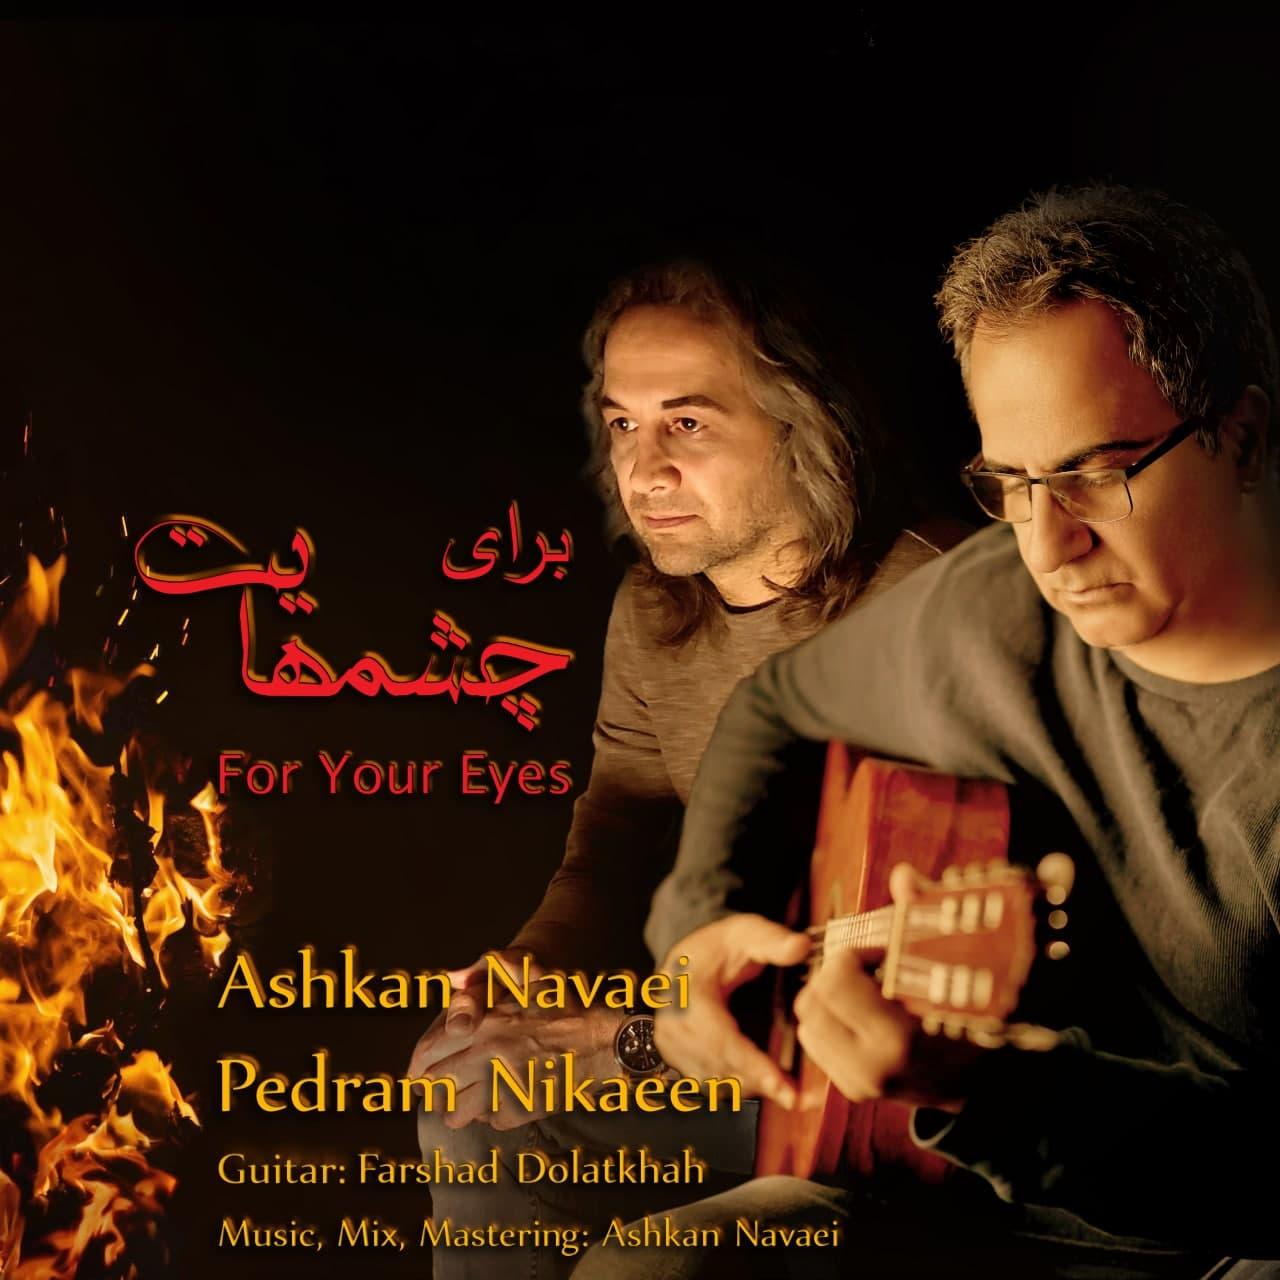 Ashkan Navaei – Barayeh Cheshmhayat (Ft Pedram Nikaeen)